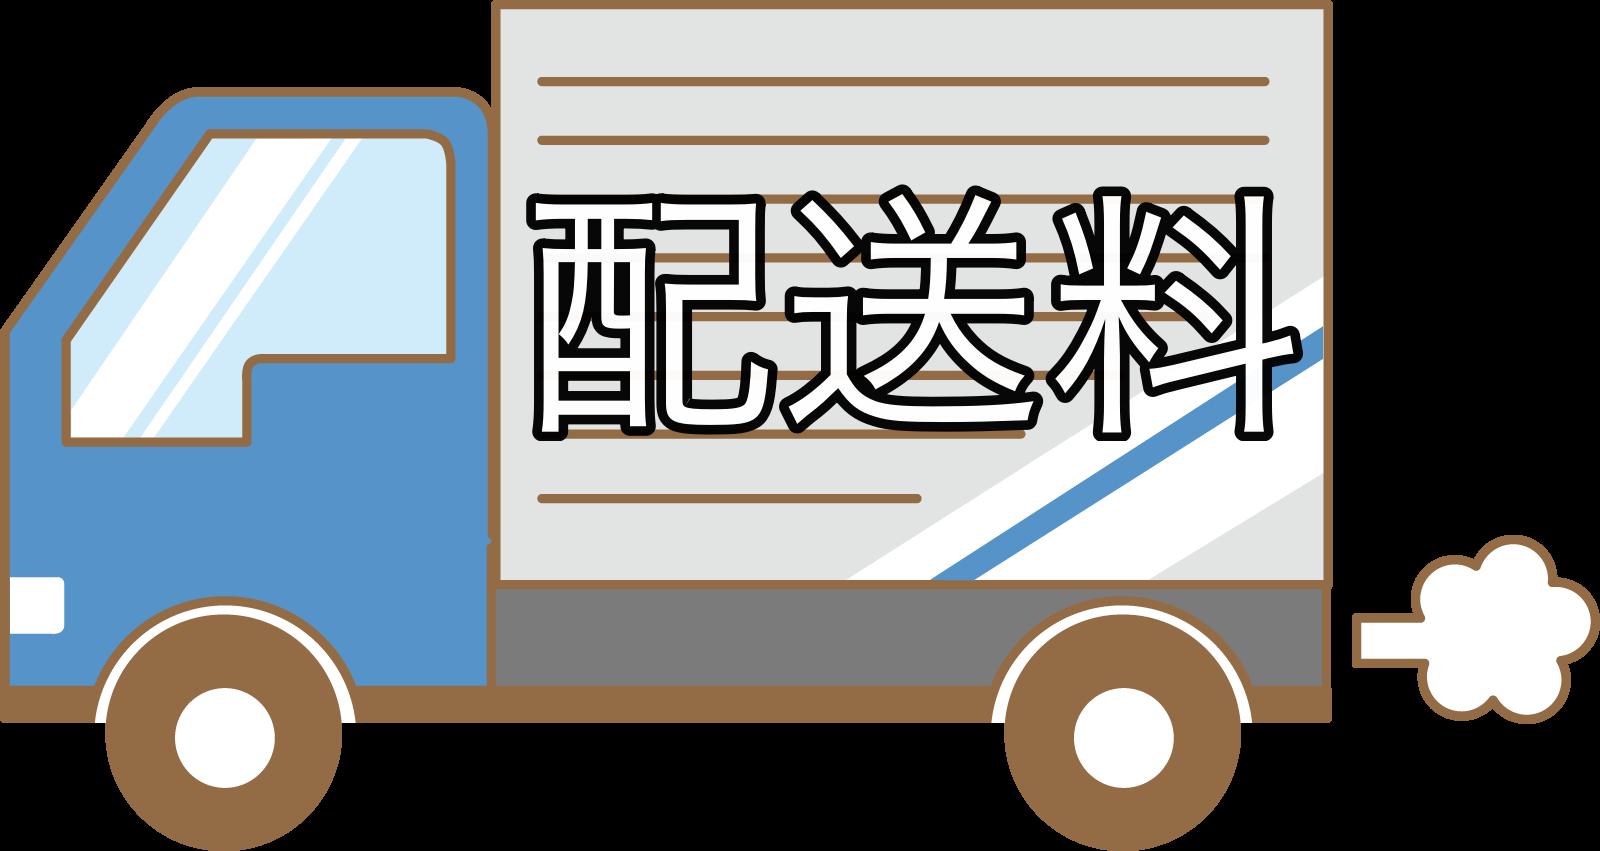 オイシックスとコープデリの配送料を比較するトラックのイメージ